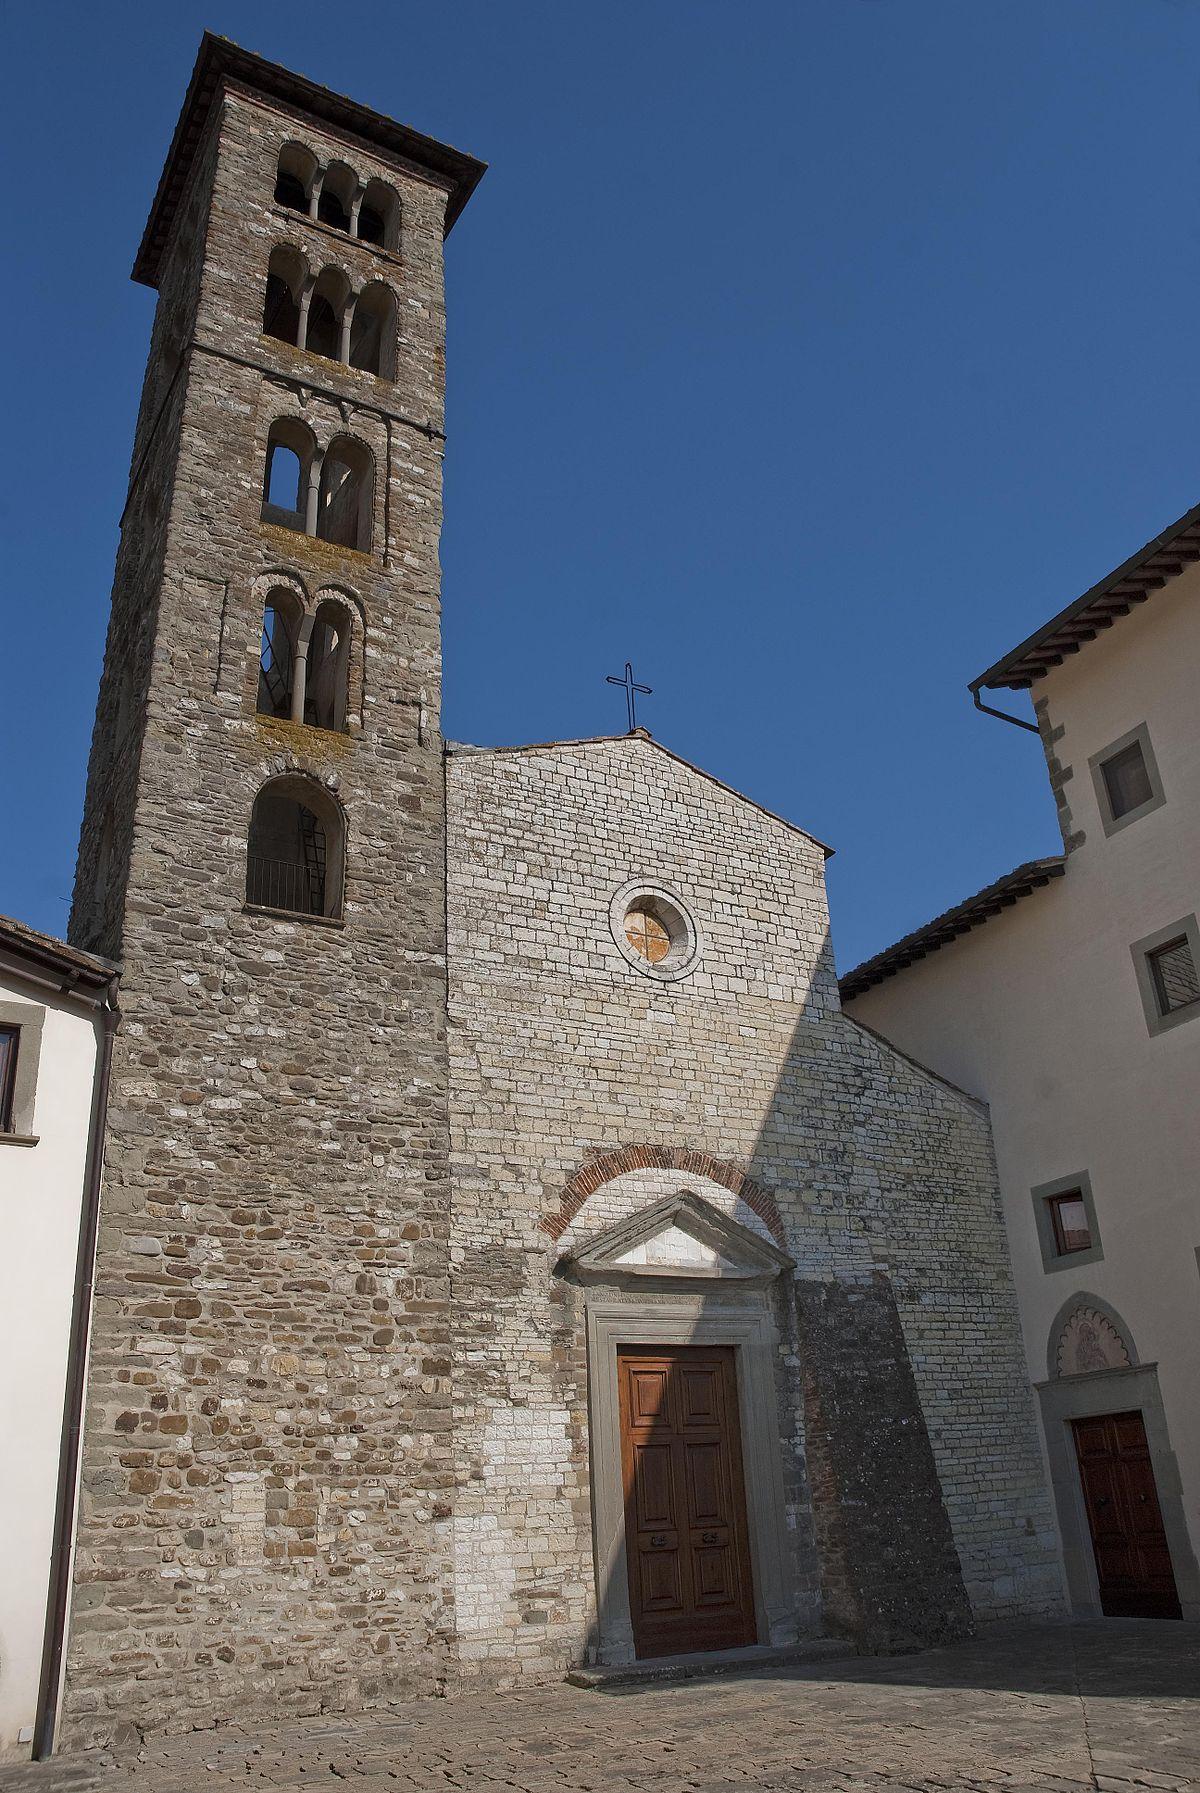 Monastero di santa maria a rosano wikipedia for Quando si festeggia santa ilaria